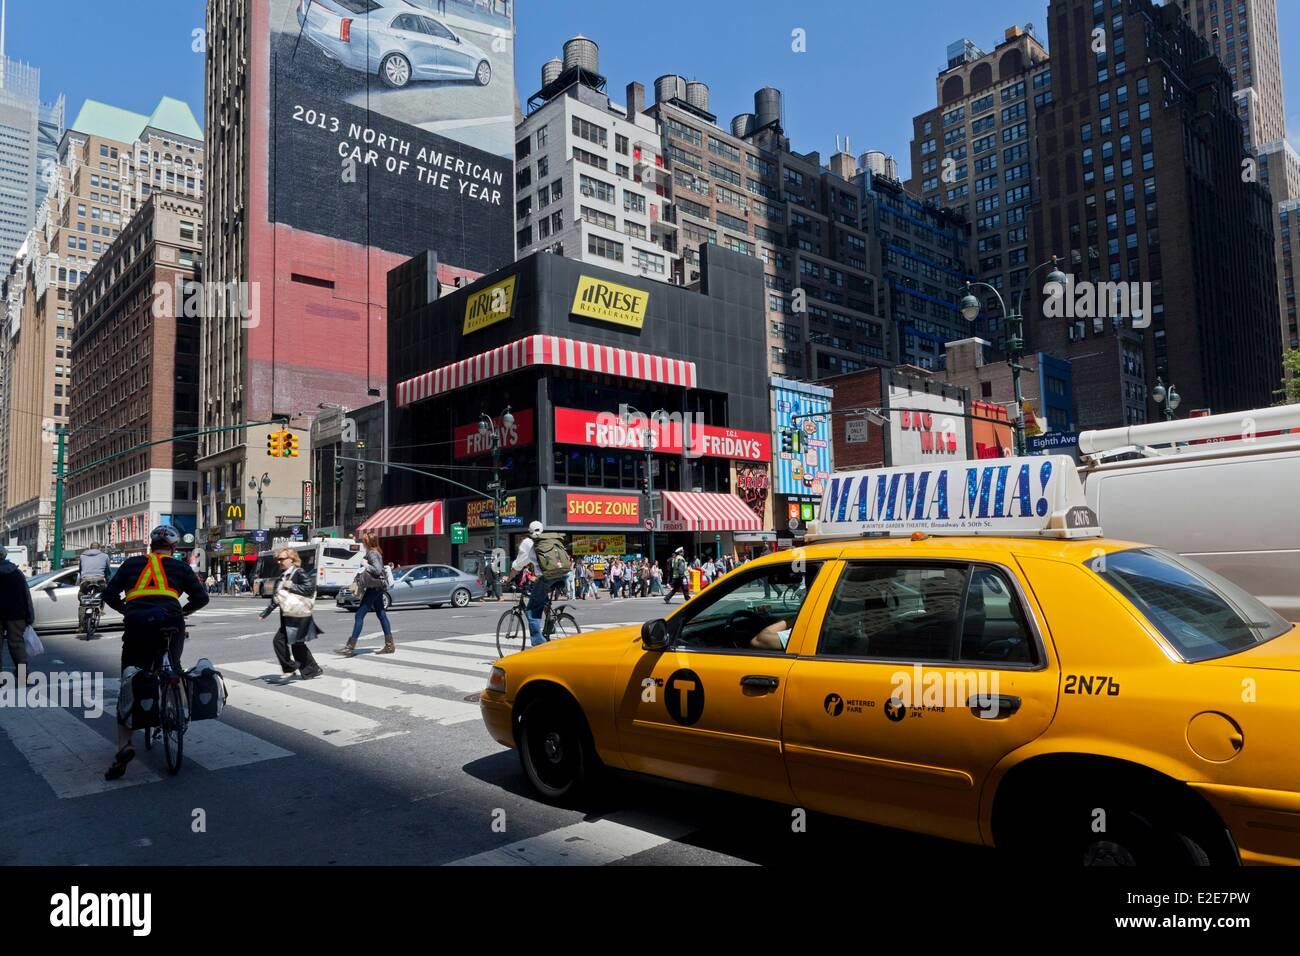 United States, New York, Manhattan, Midtown, 34th Street intersection avec la 8e Avenue, au coeur de la ville Photo Stock